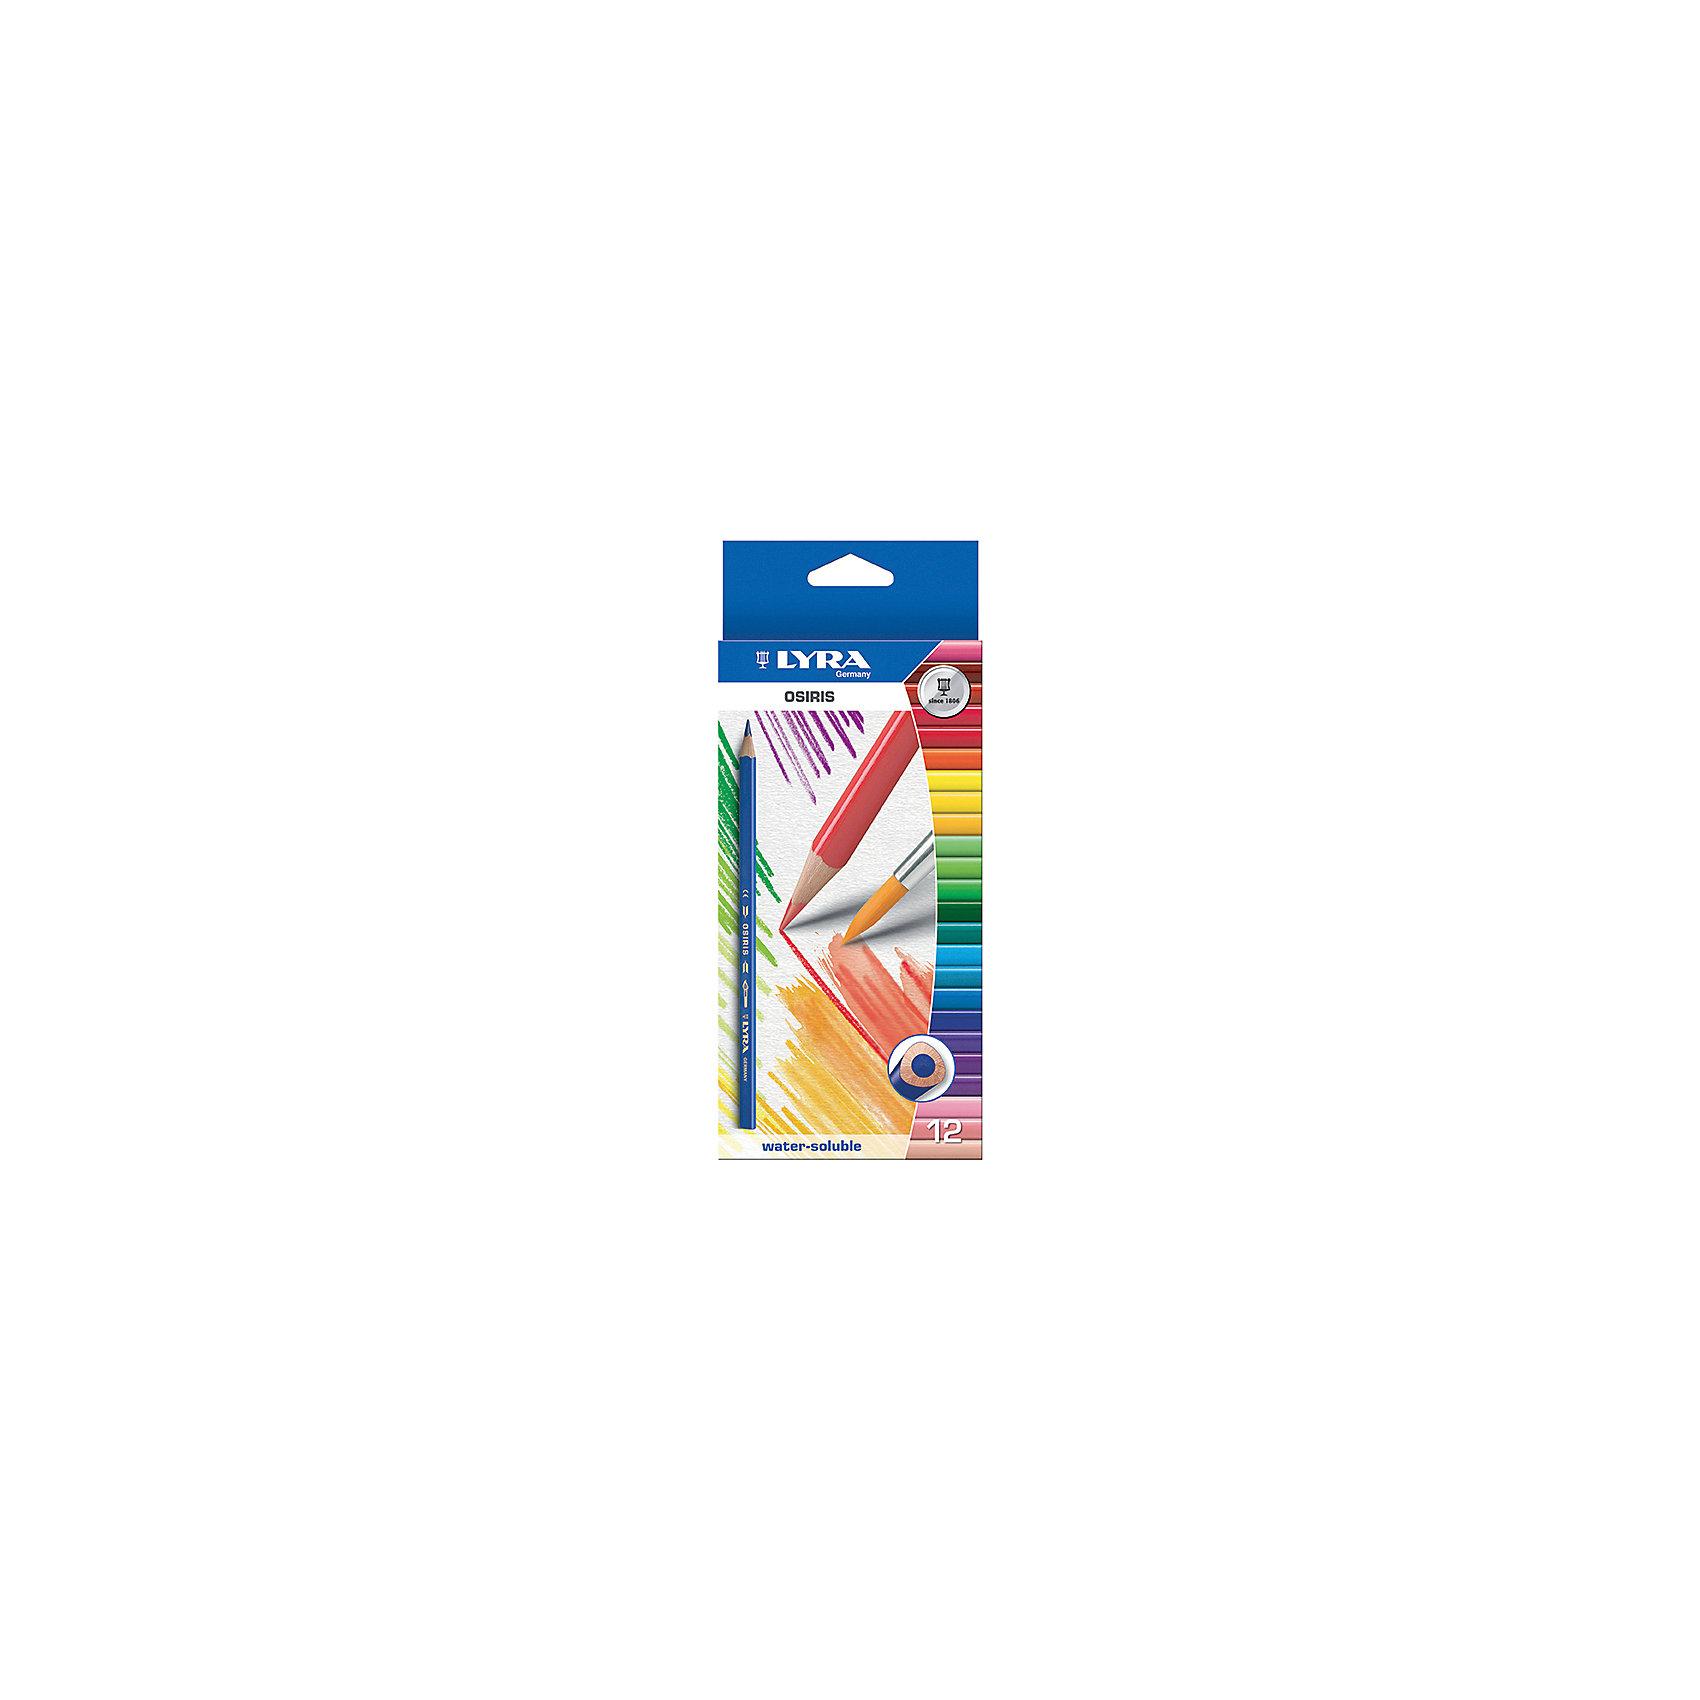 Цветные акварельные карандаши треугольной формы, 12 шт.Рисование<br>Цветные акварельные карандаши, 12 шт.  Треугольной формы. Диаметр грифеля 3,3 мм. Экономичная линейка карандашей<br><br>Ширина мм: 219<br>Глубина мм: 101<br>Высота мм: 12<br>Вес г: 100<br>Возраст от месяцев: 60<br>Возраст до месяцев: 192<br>Пол: Унисекс<br>Возраст: Детский<br>SKU: 3322932